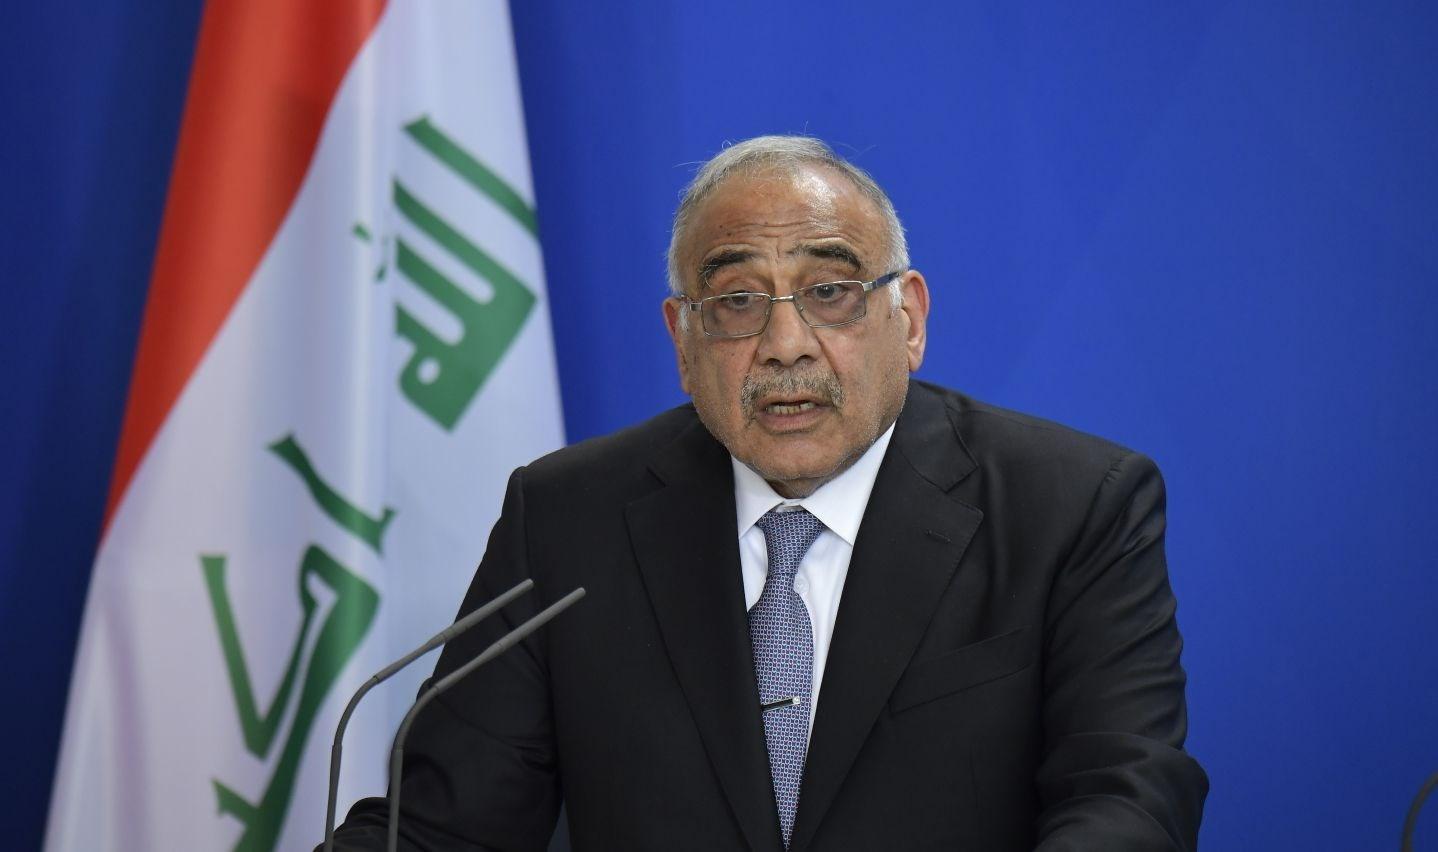 عبد المهدي: الاستقالة مهمة لتفكيك الأزمة وتهدئة الأوضاع في البلاد